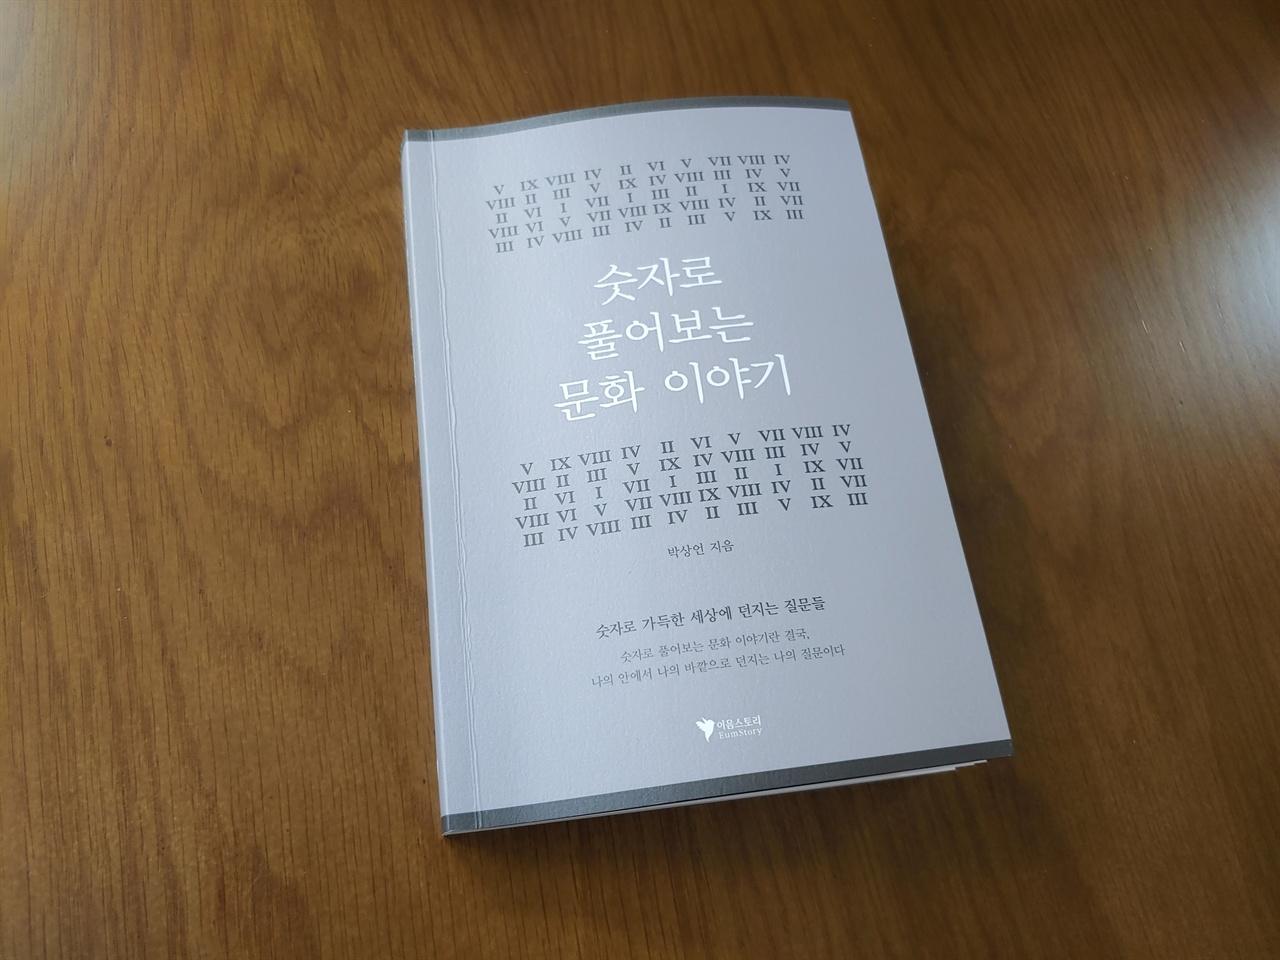 신간도서 숫자로 풀어보는 문화 이야기 이달 초 출간된 도서